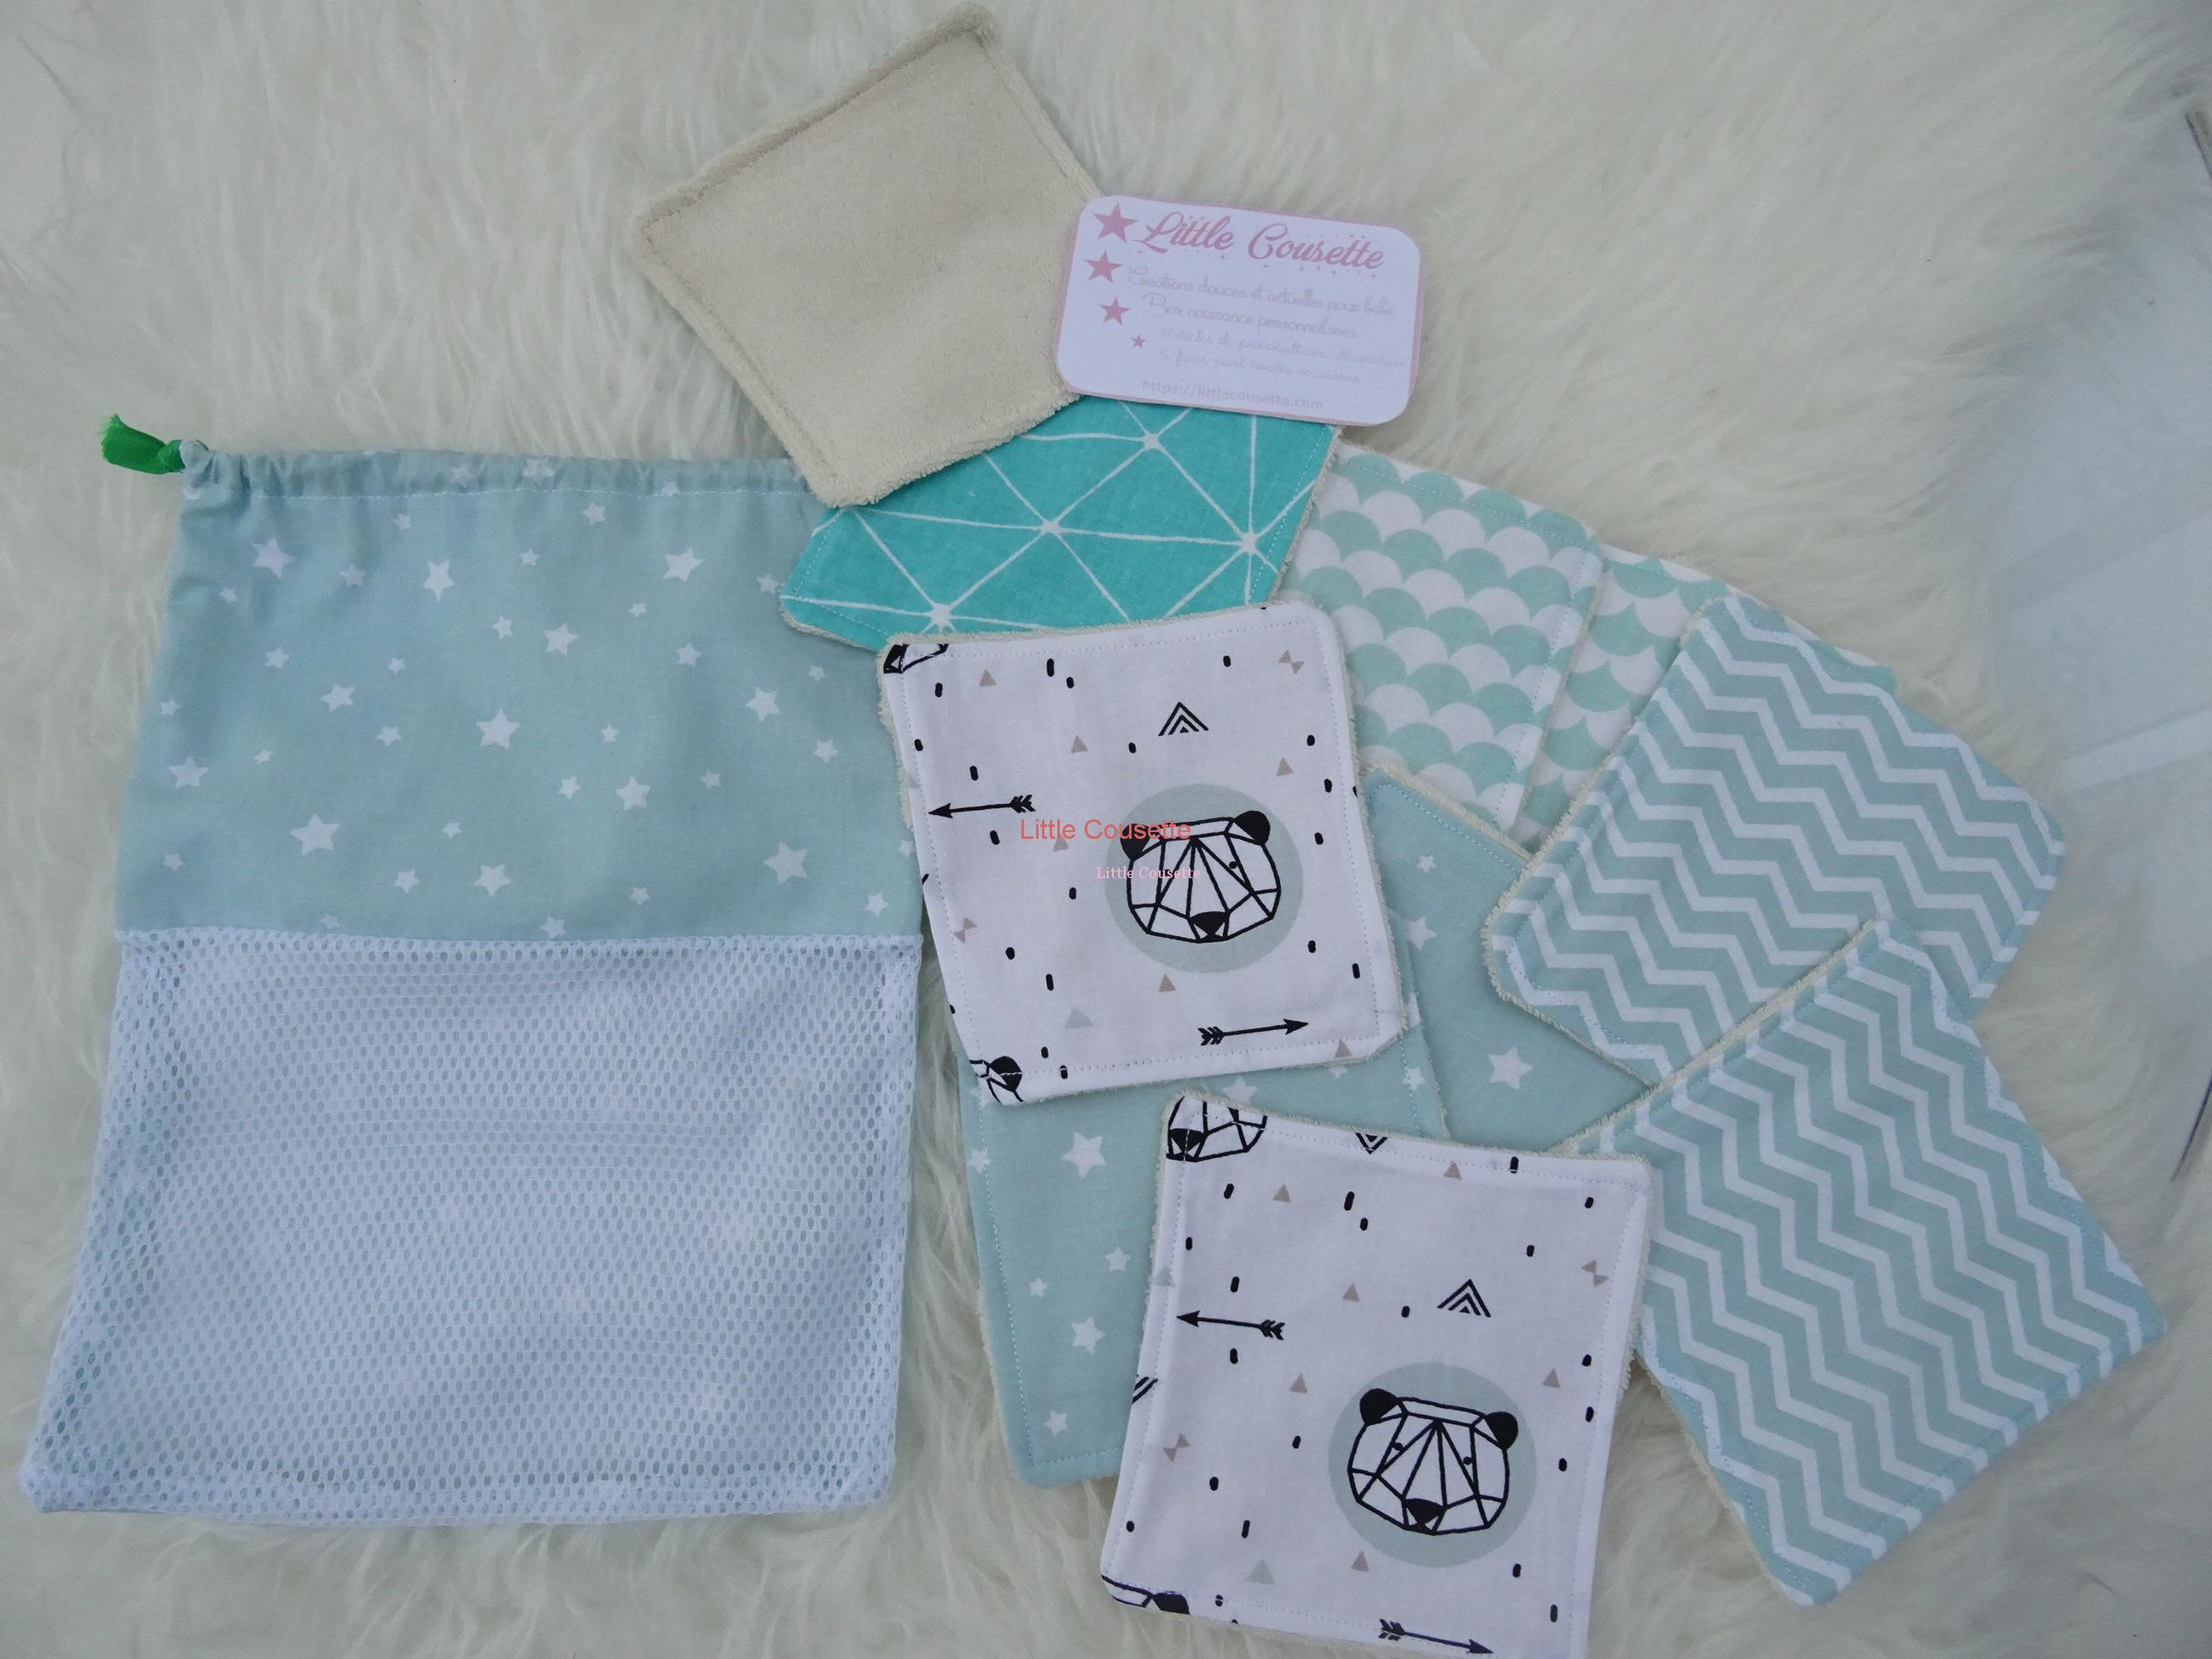 777 6PC Tissu Lavable en Coton Pour Enfants Kid /élastique Multicouche Simplicit/é des couleurs Anti-Poussi/ère Migno Visage Bandana MA8236